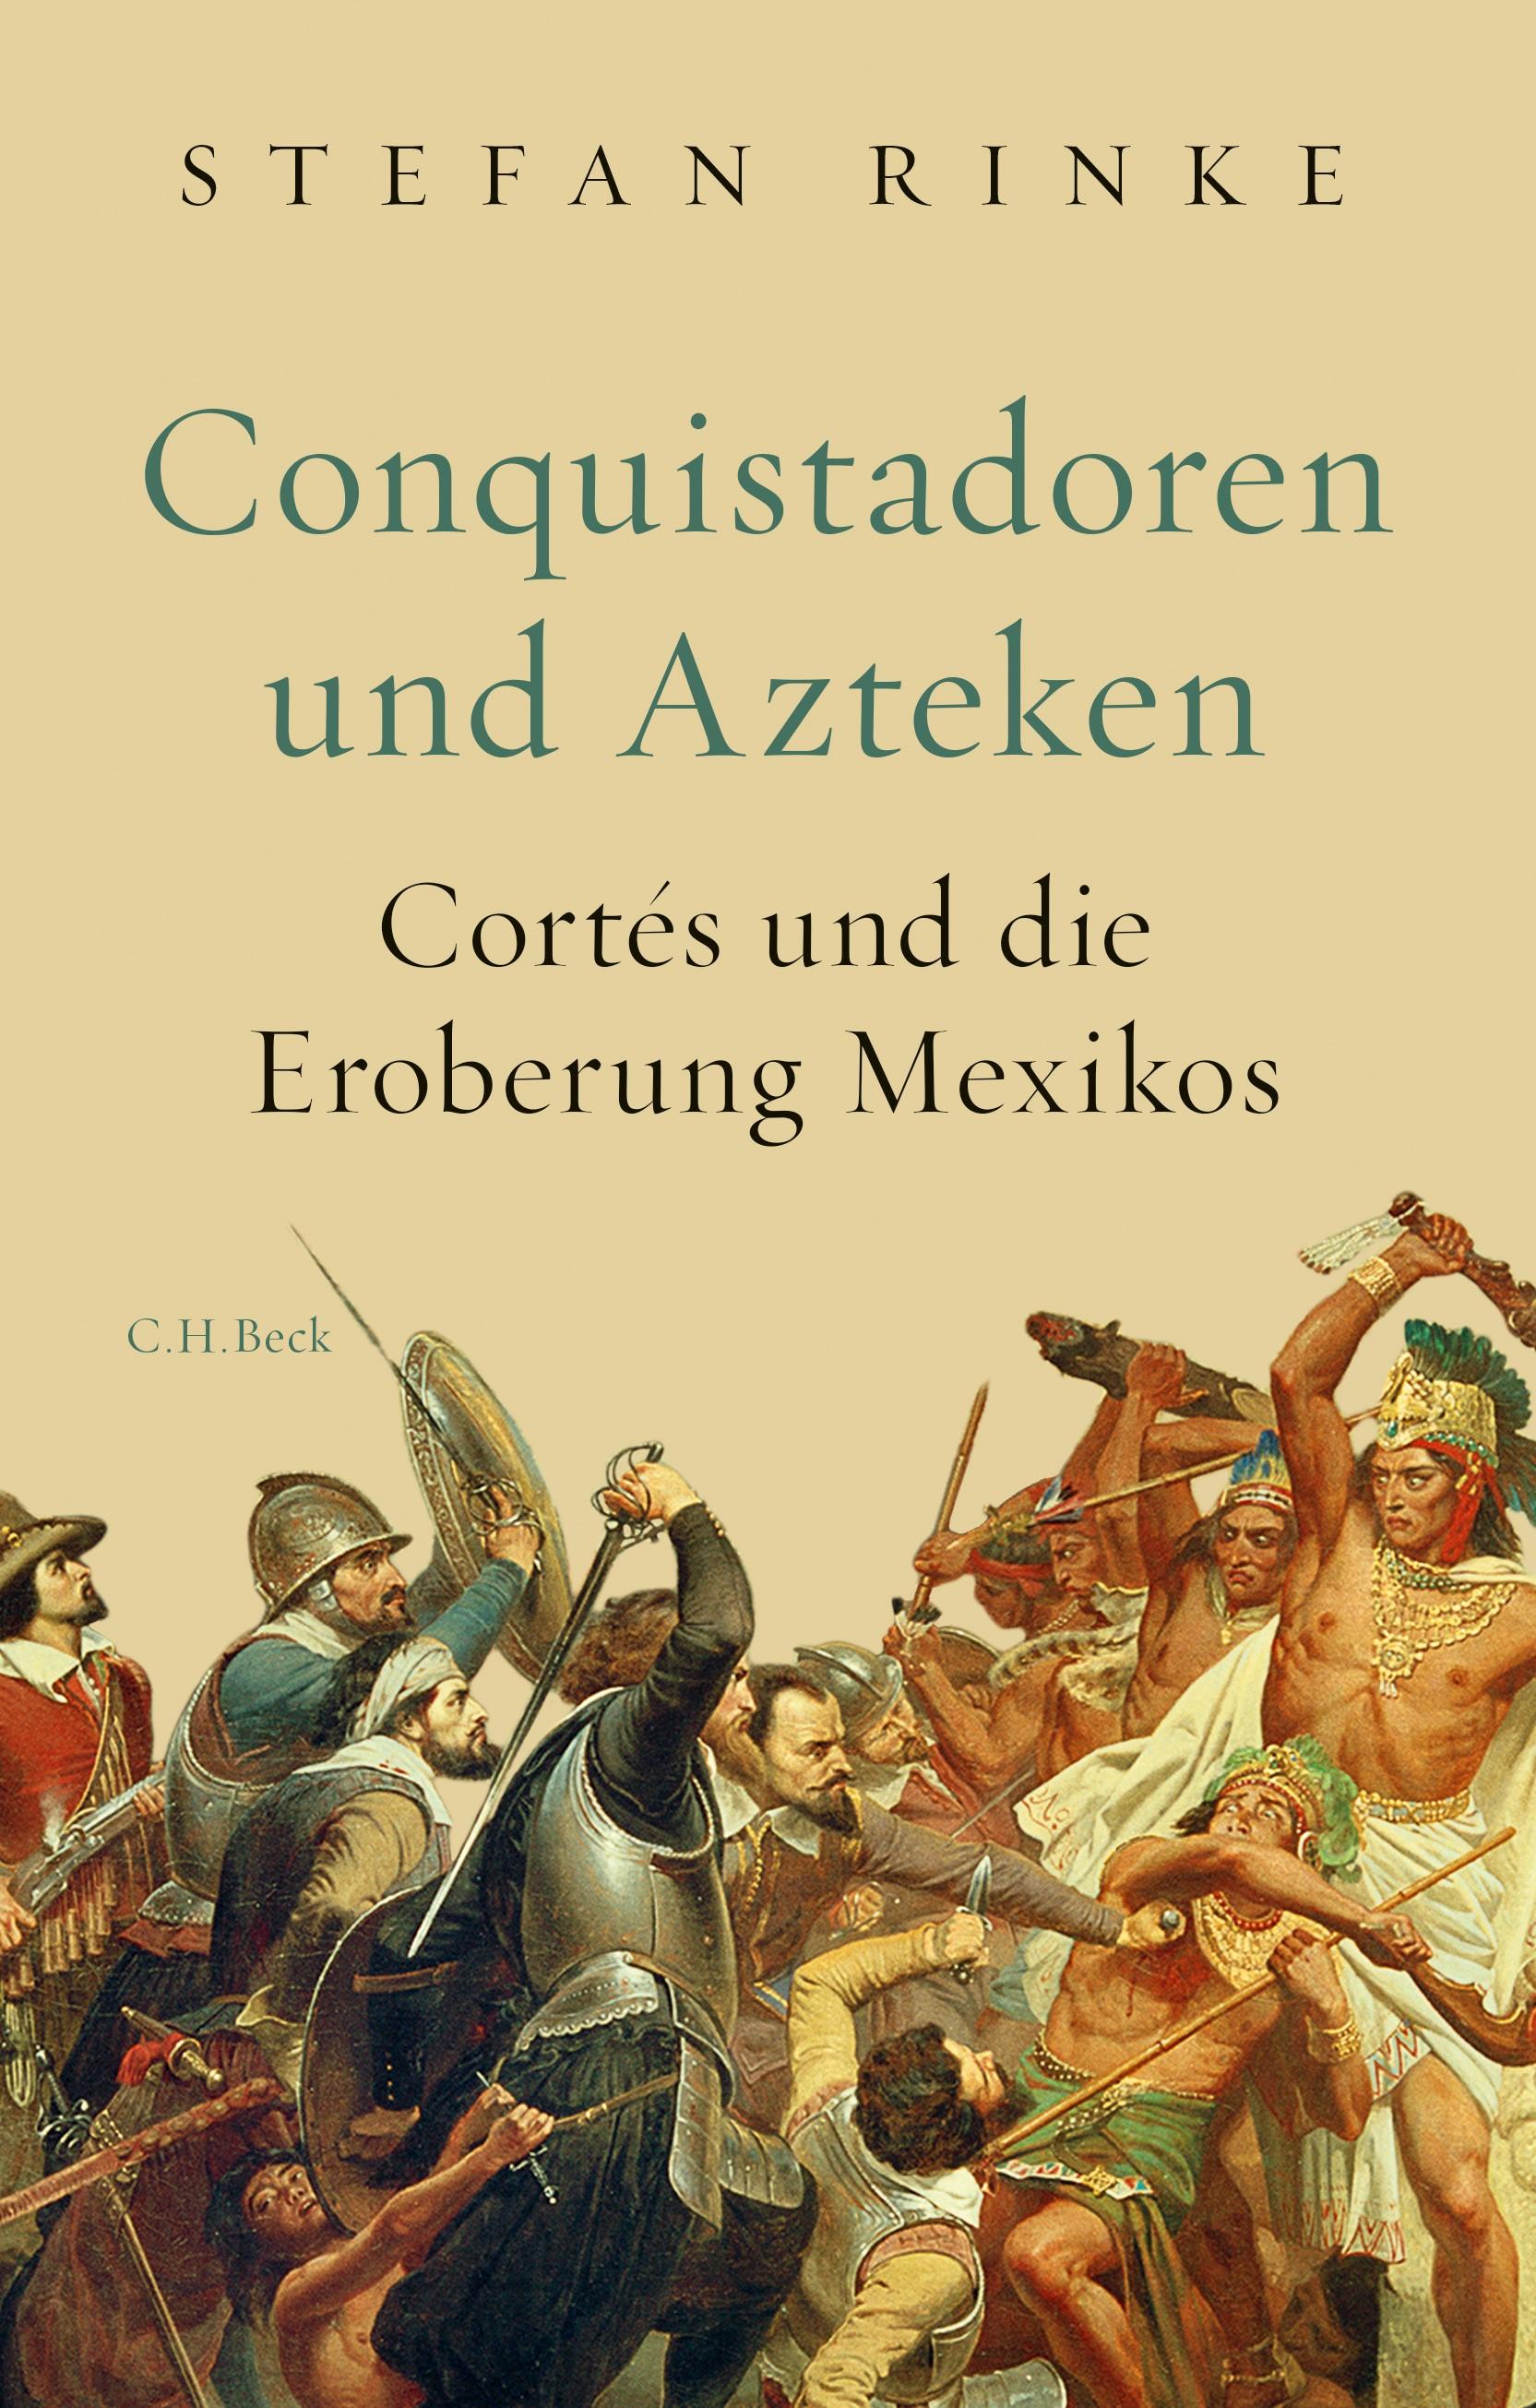 Conquistadoren und Azteken | Rinke, Stefan, 2019 | Buch (Cover)